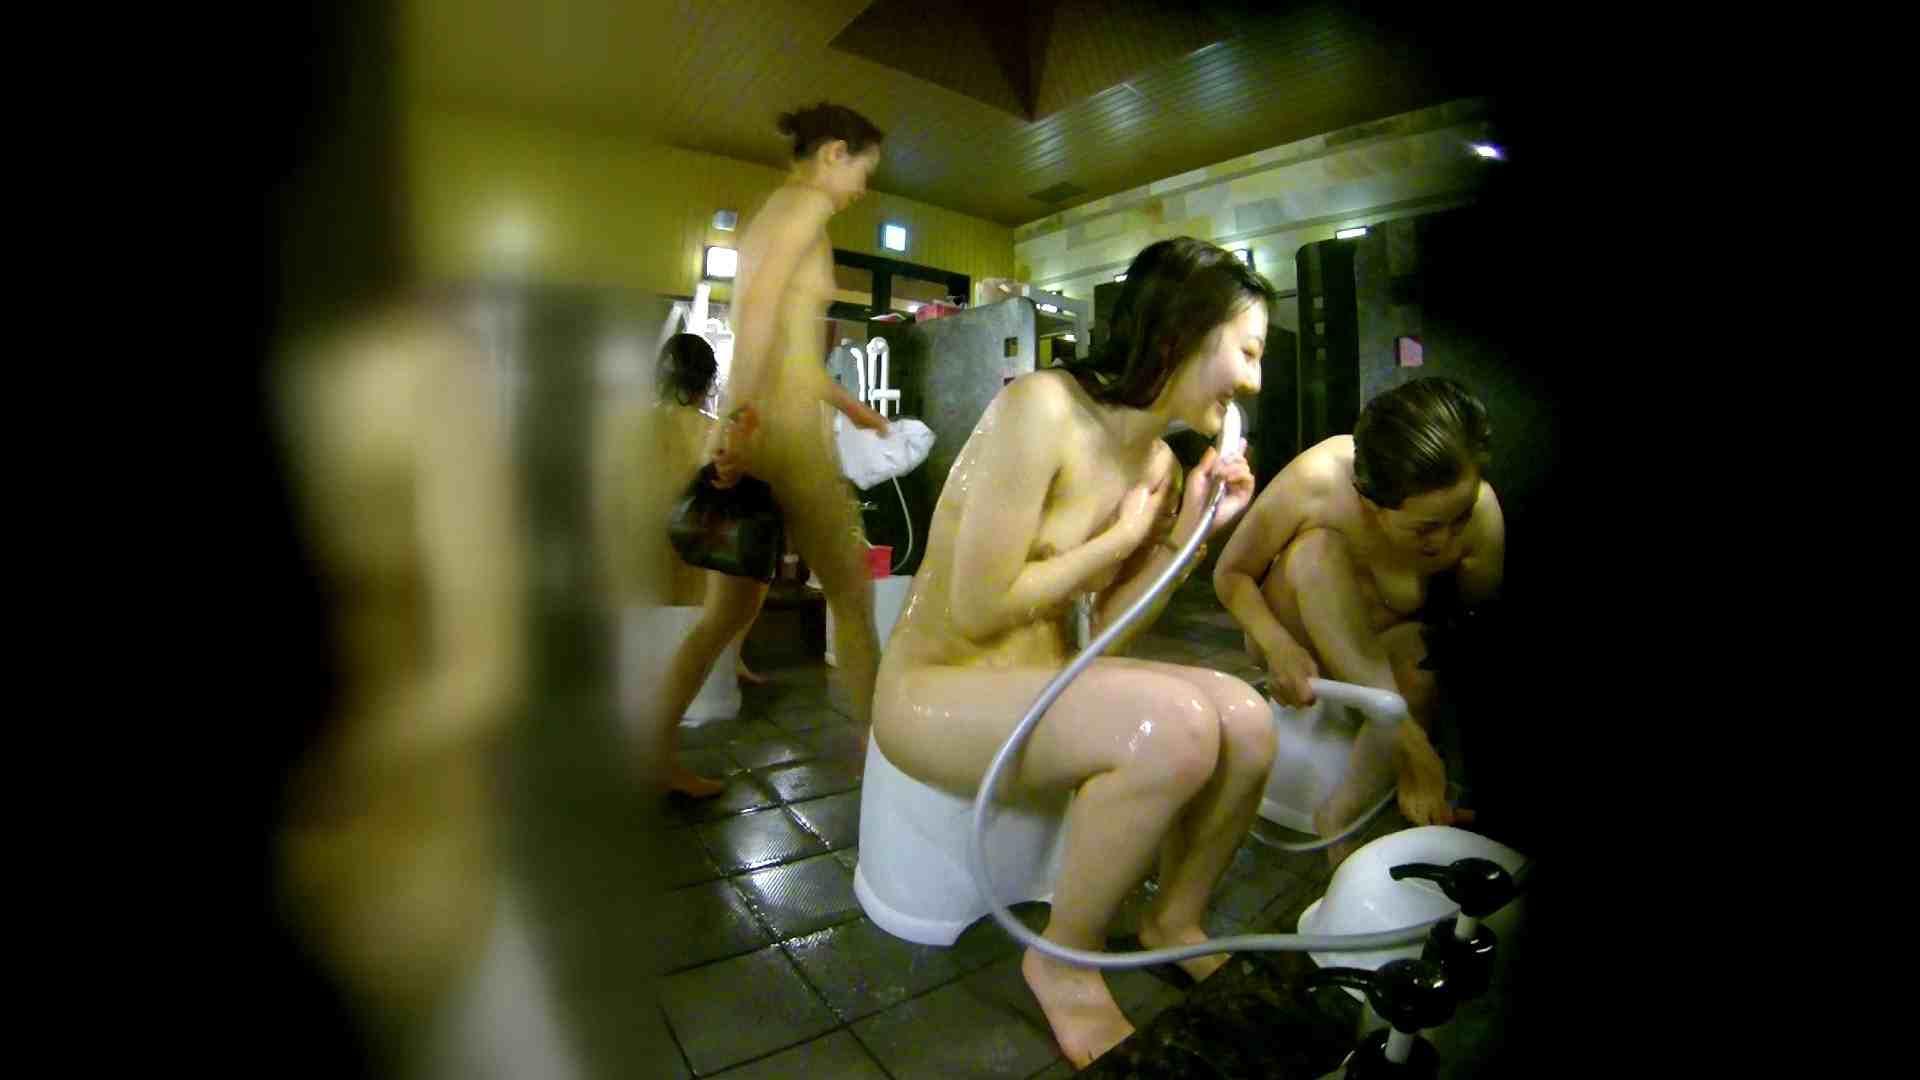 エッチ 熟女 洗い場!右足の位置がいいですね。陰毛もっさり! 怪盗ジョーカー